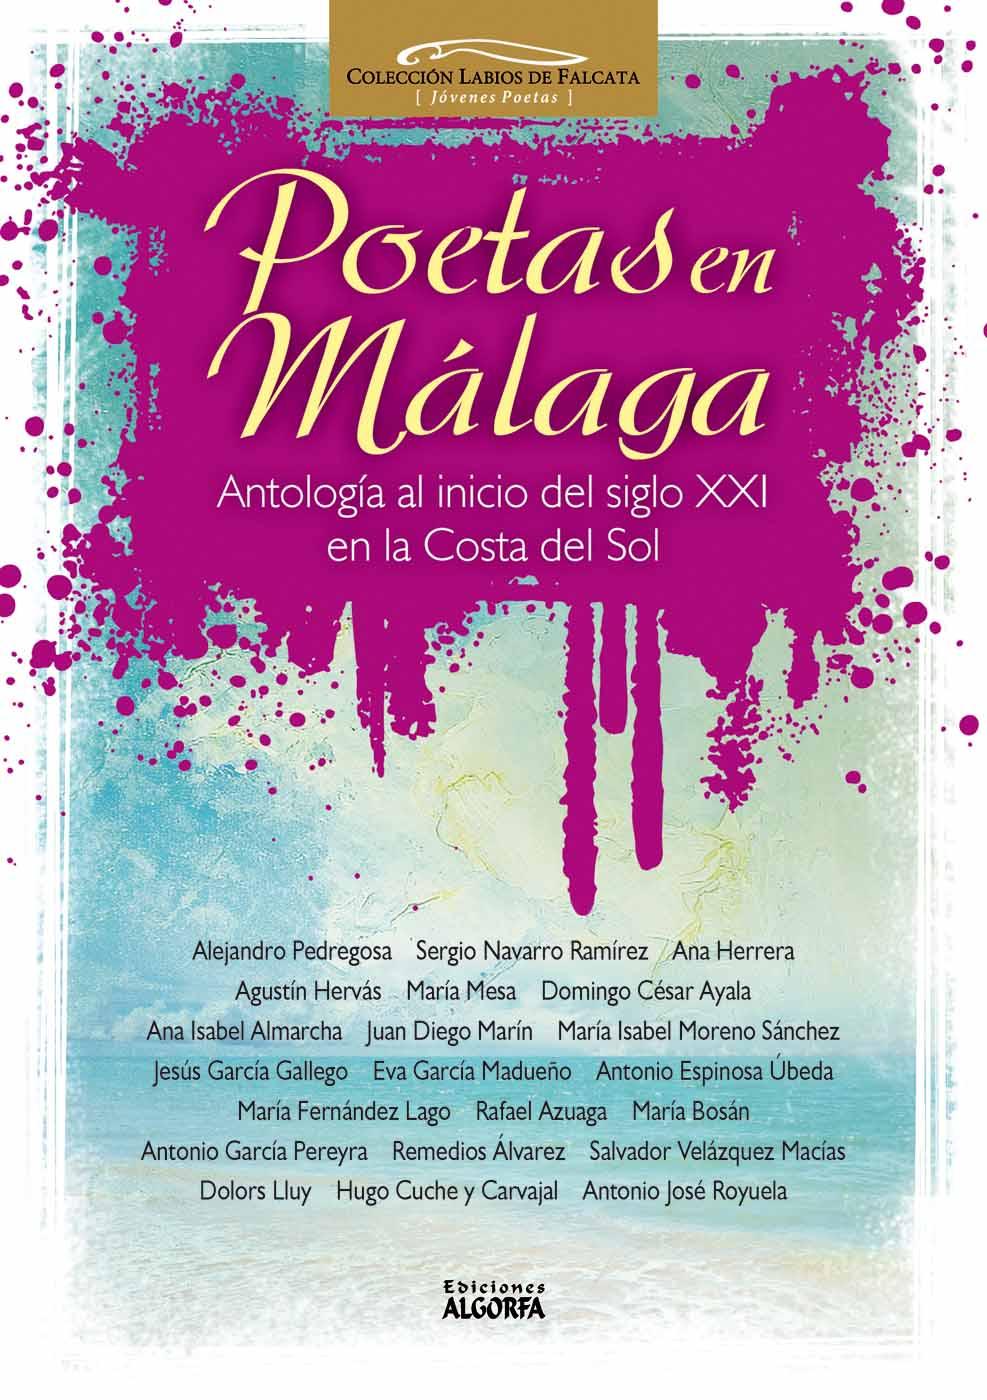 POETAS EN MÁLAGA. Antología al inicio del s. XXI en la Costa del Sol